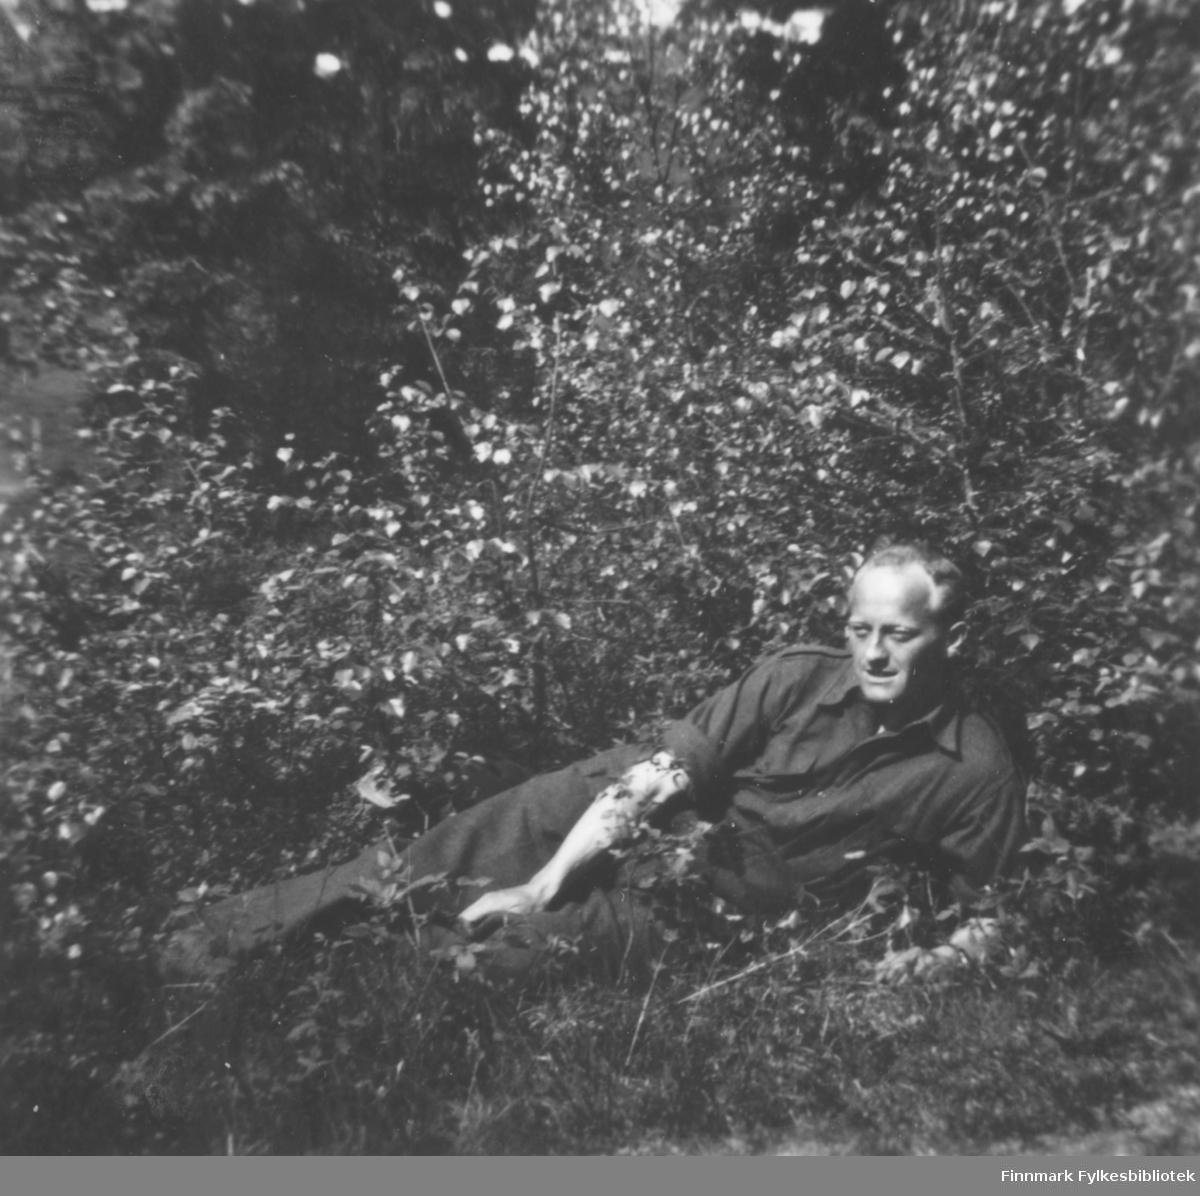 Fritz Ebeltoft hviler - bildet er antakelig tatt under en repetisjonsøvelse på Drevjamoen 1953-1956